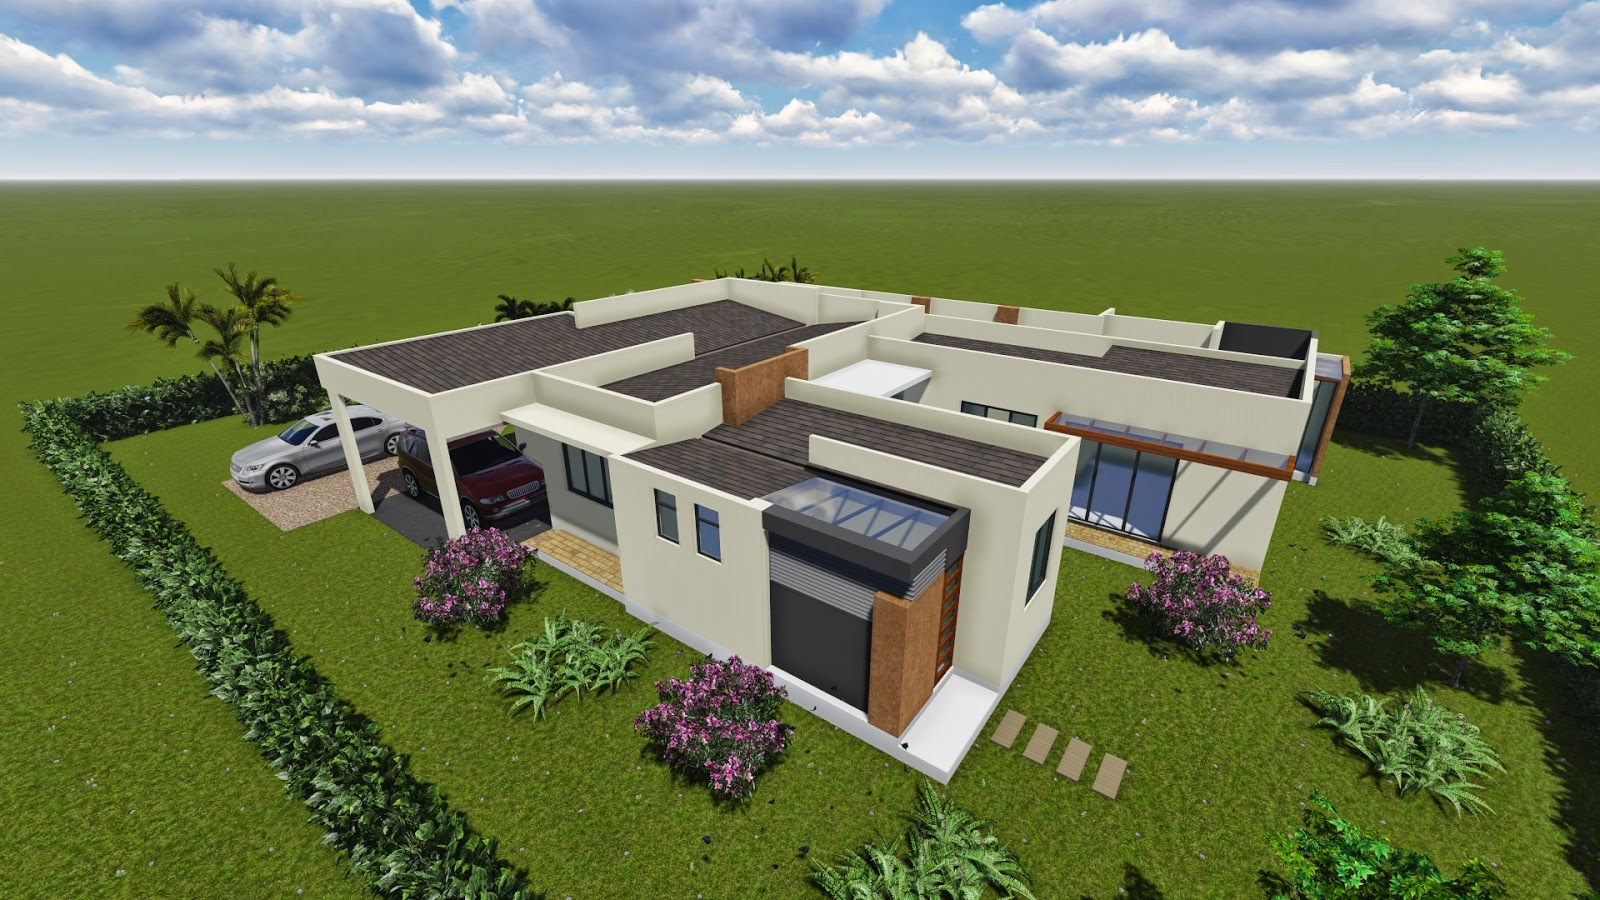 Dise o de casa campestre moderna 250 m2 for Casas campestres modernas planos